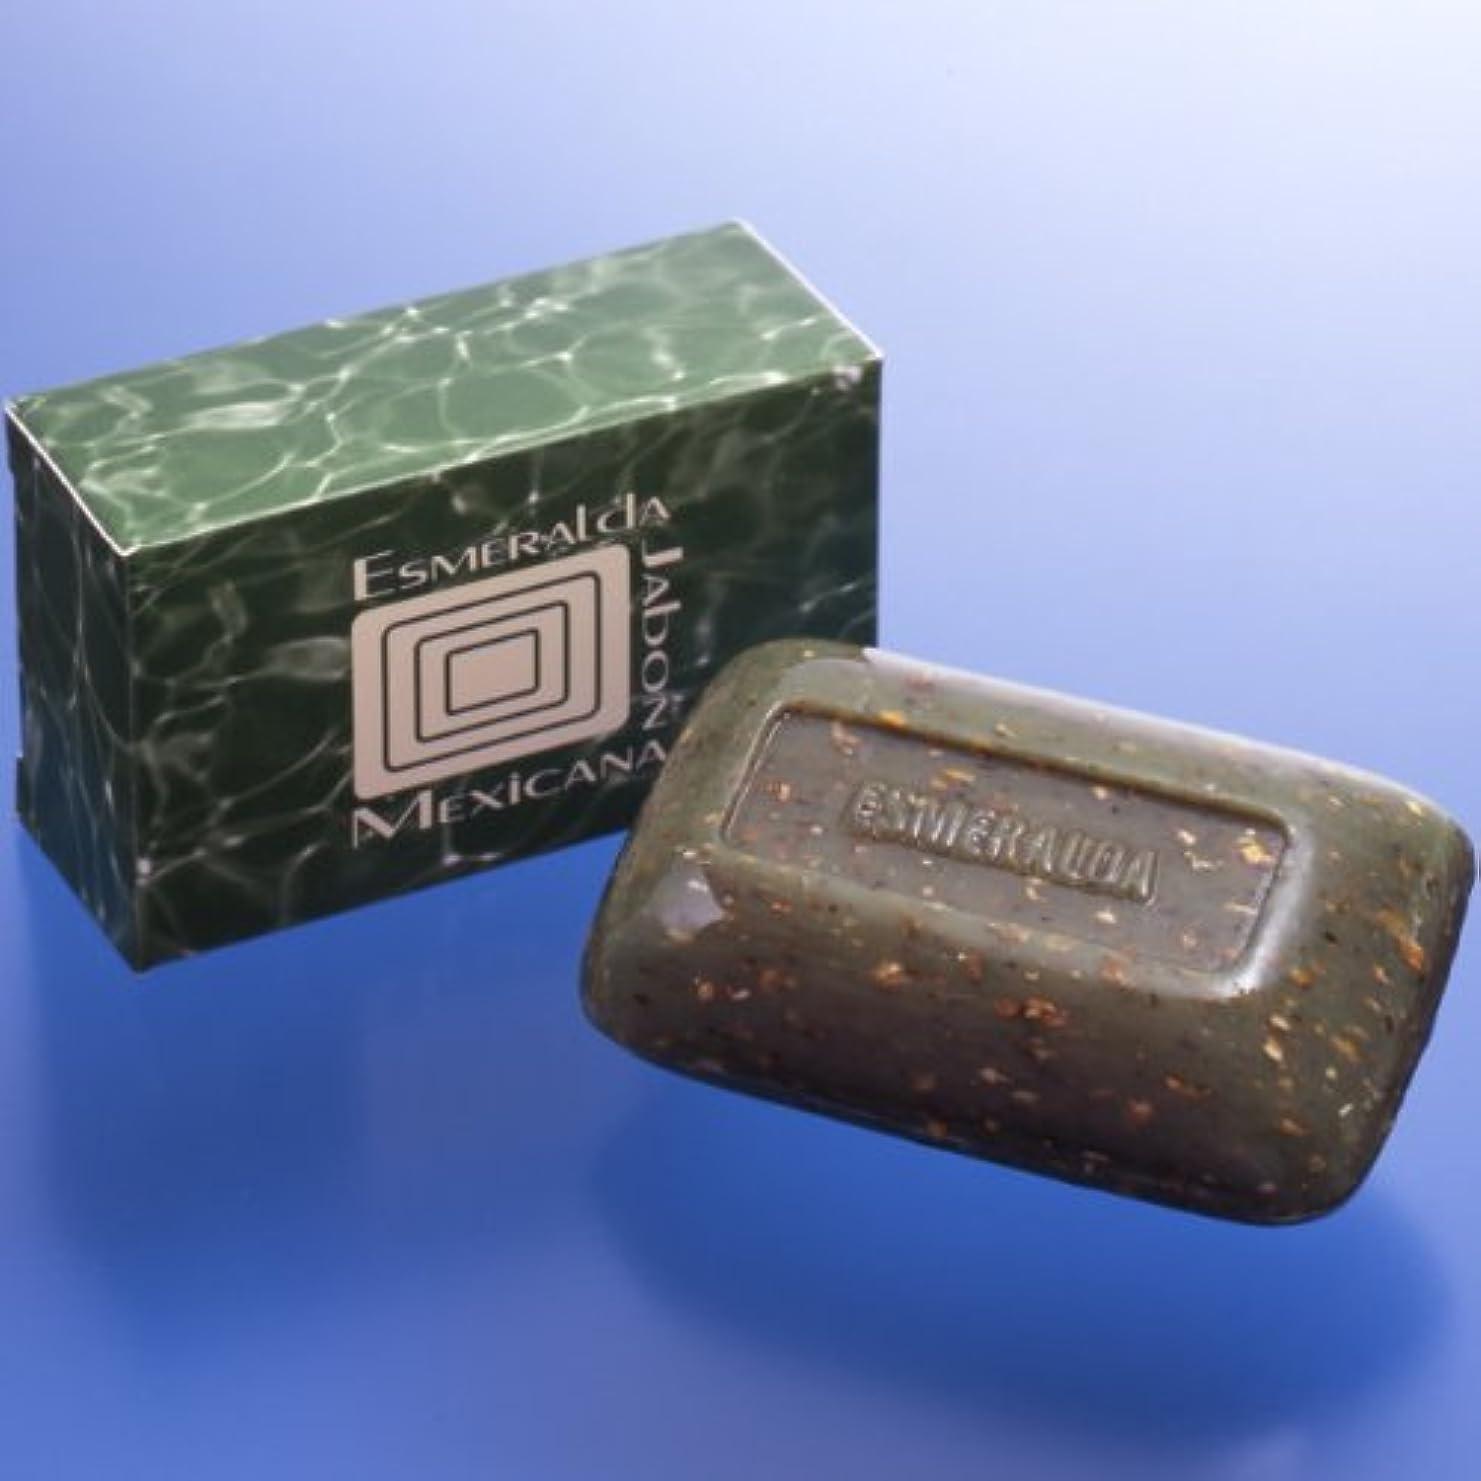 側セレナ清めるメキシコで大人気のシミ取り石鹸『エスメラルダ?ハボン?メキシカーナ』